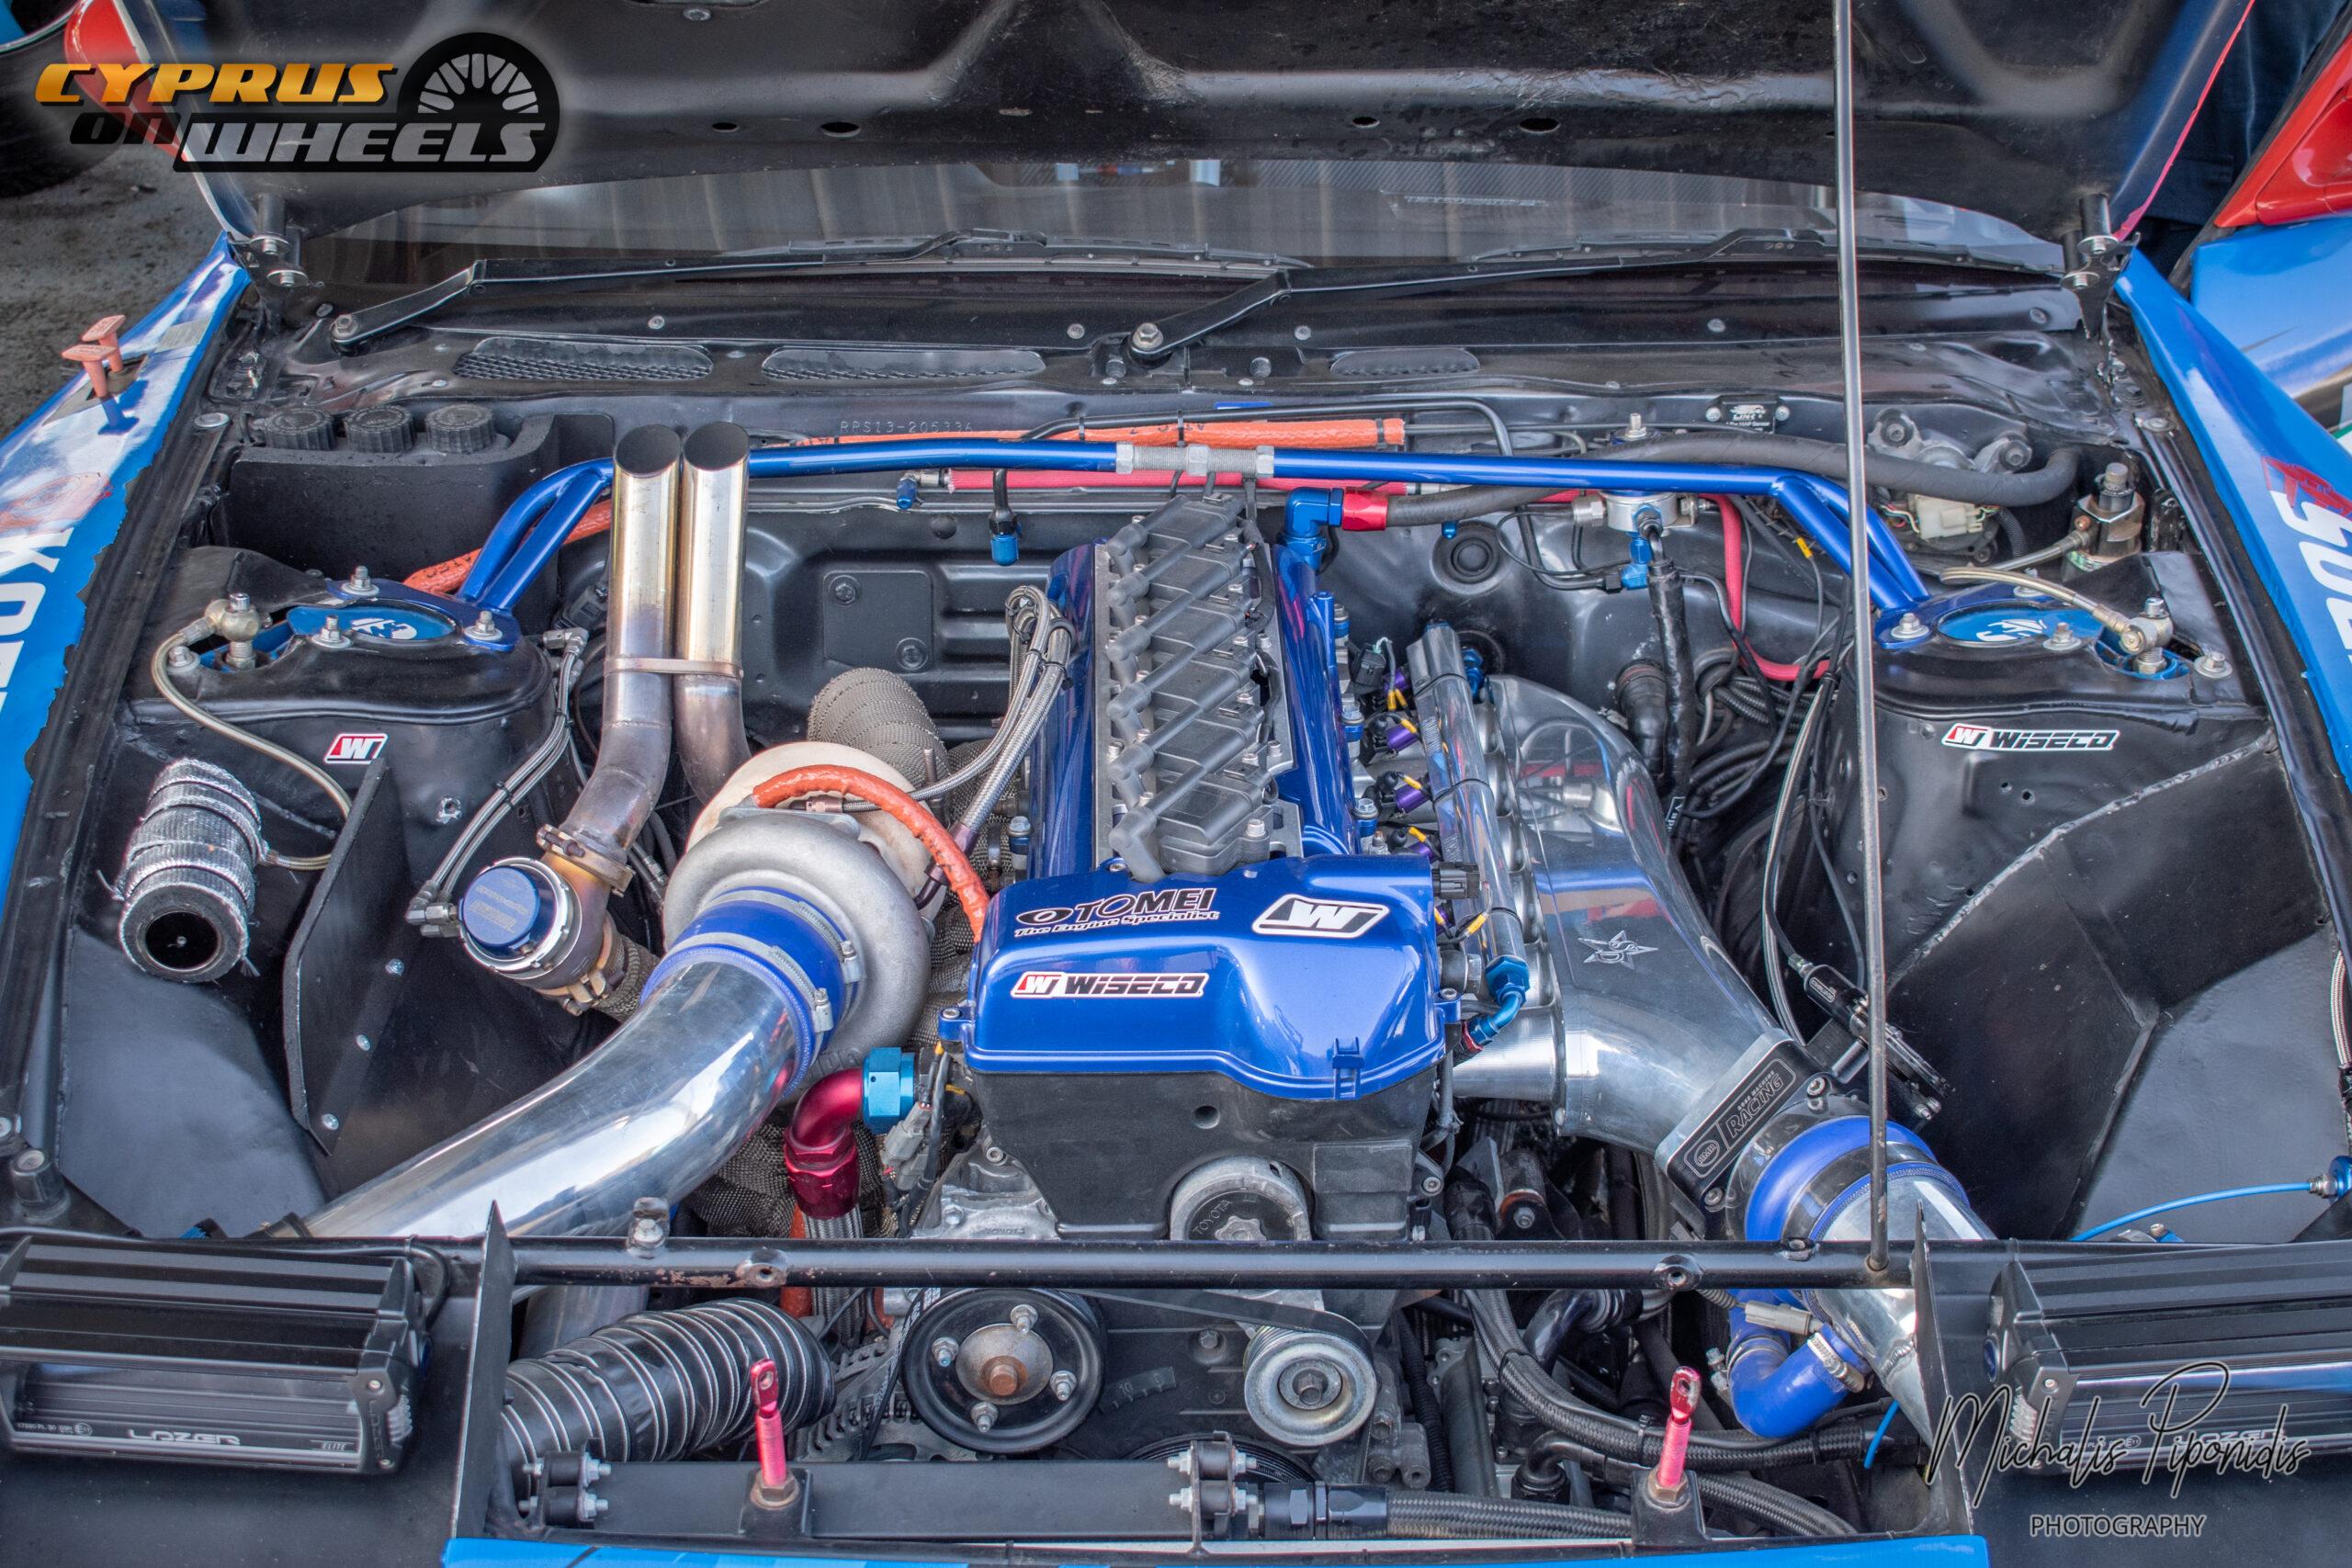 2JZ SINGLE TURBO 1000HP